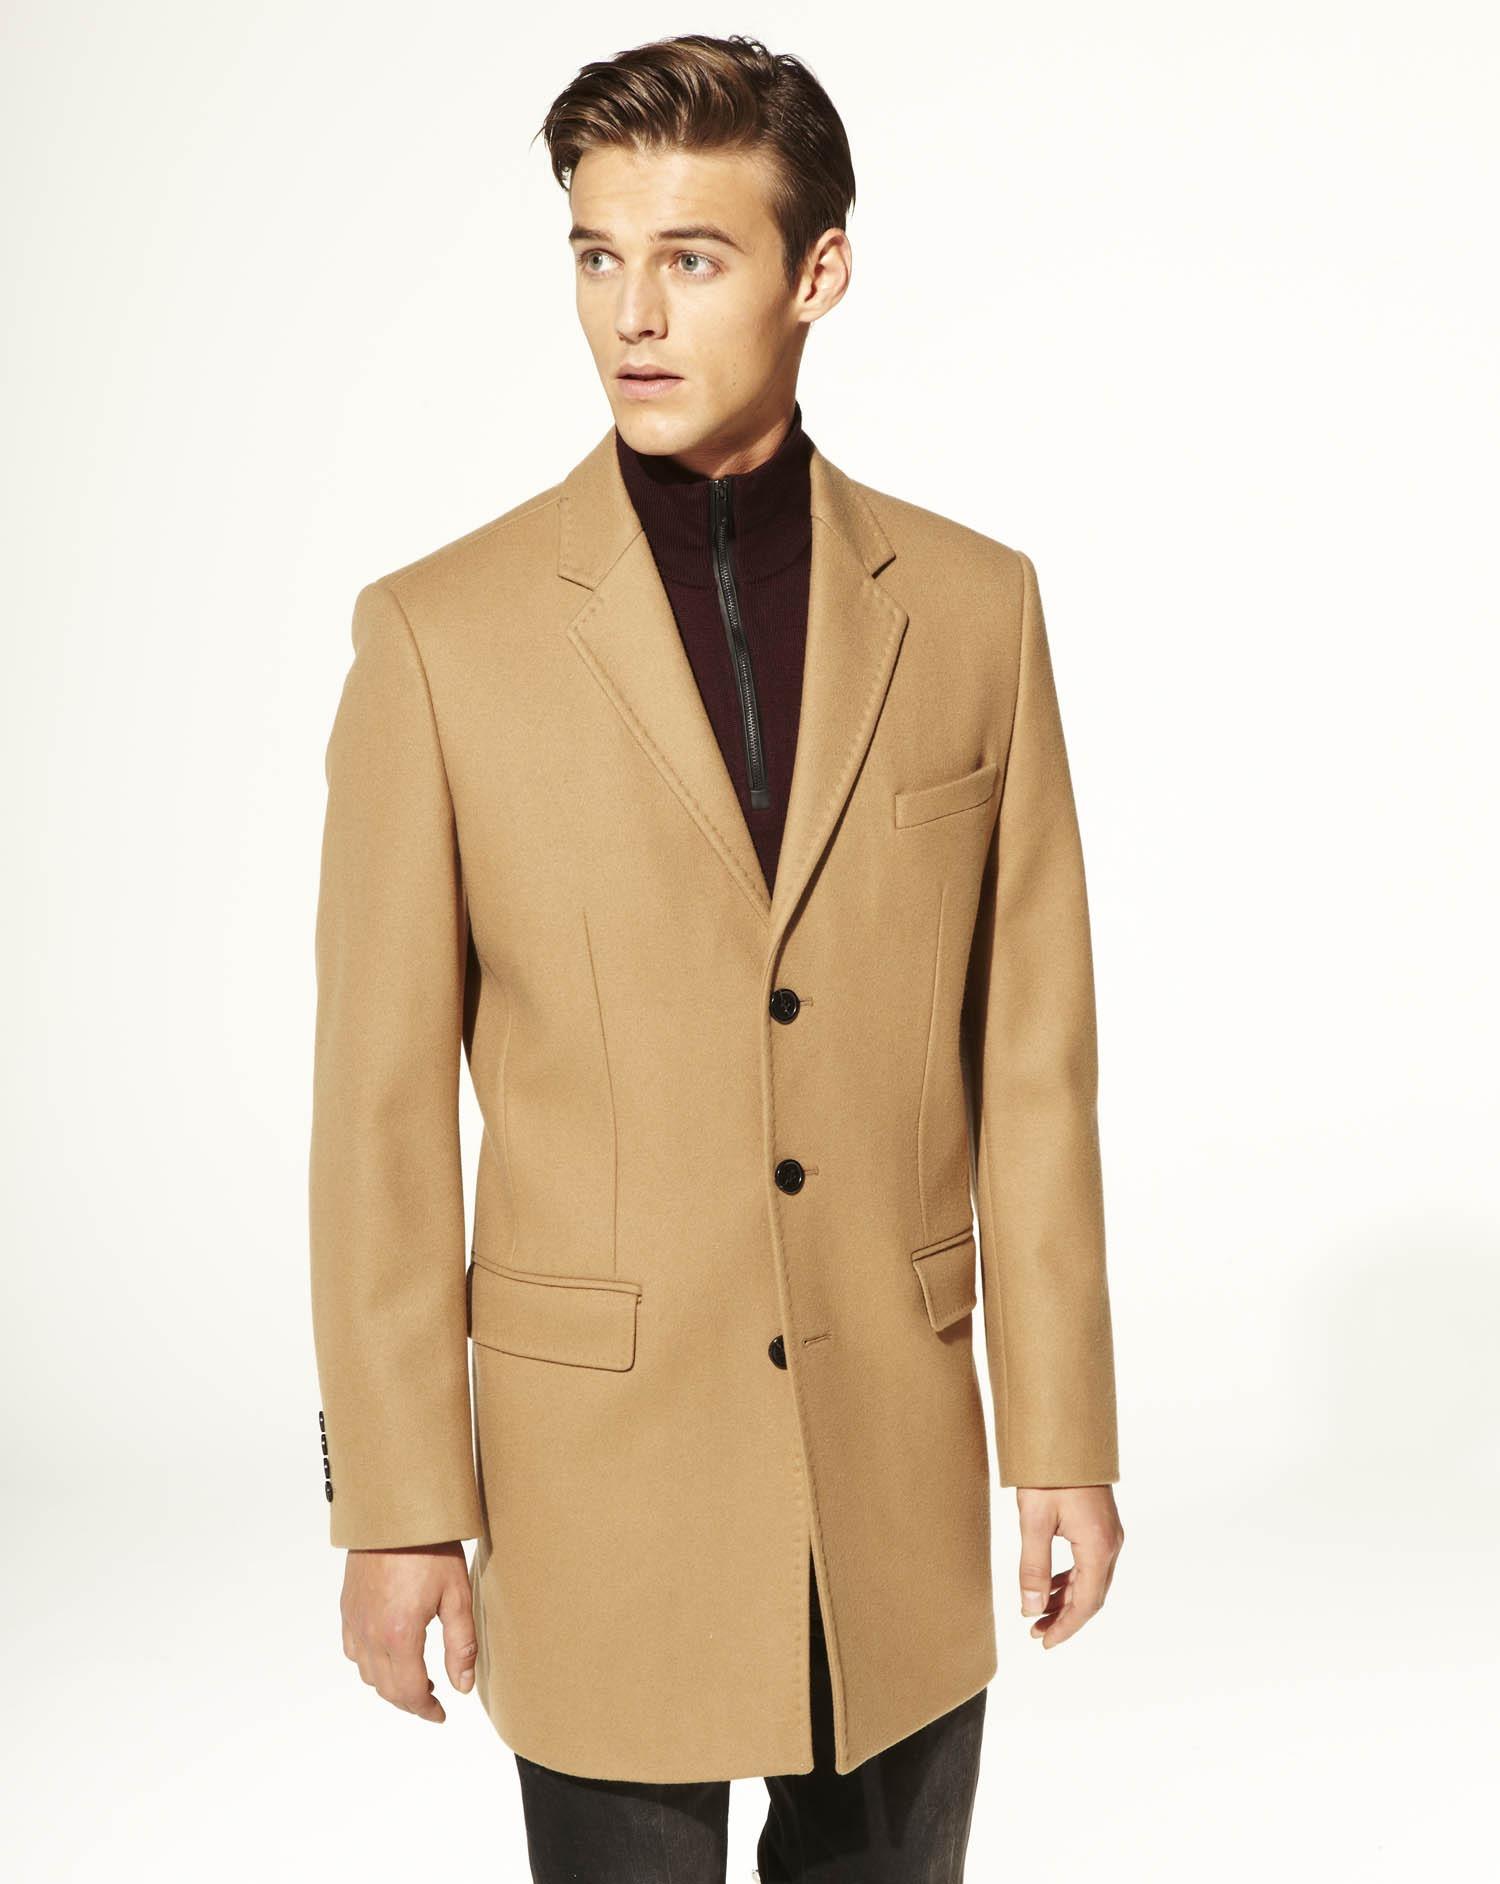 le manteau votre carrosserie pour l hiver igedi la mode au masculin. Black Bedroom Furniture Sets. Home Design Ideas